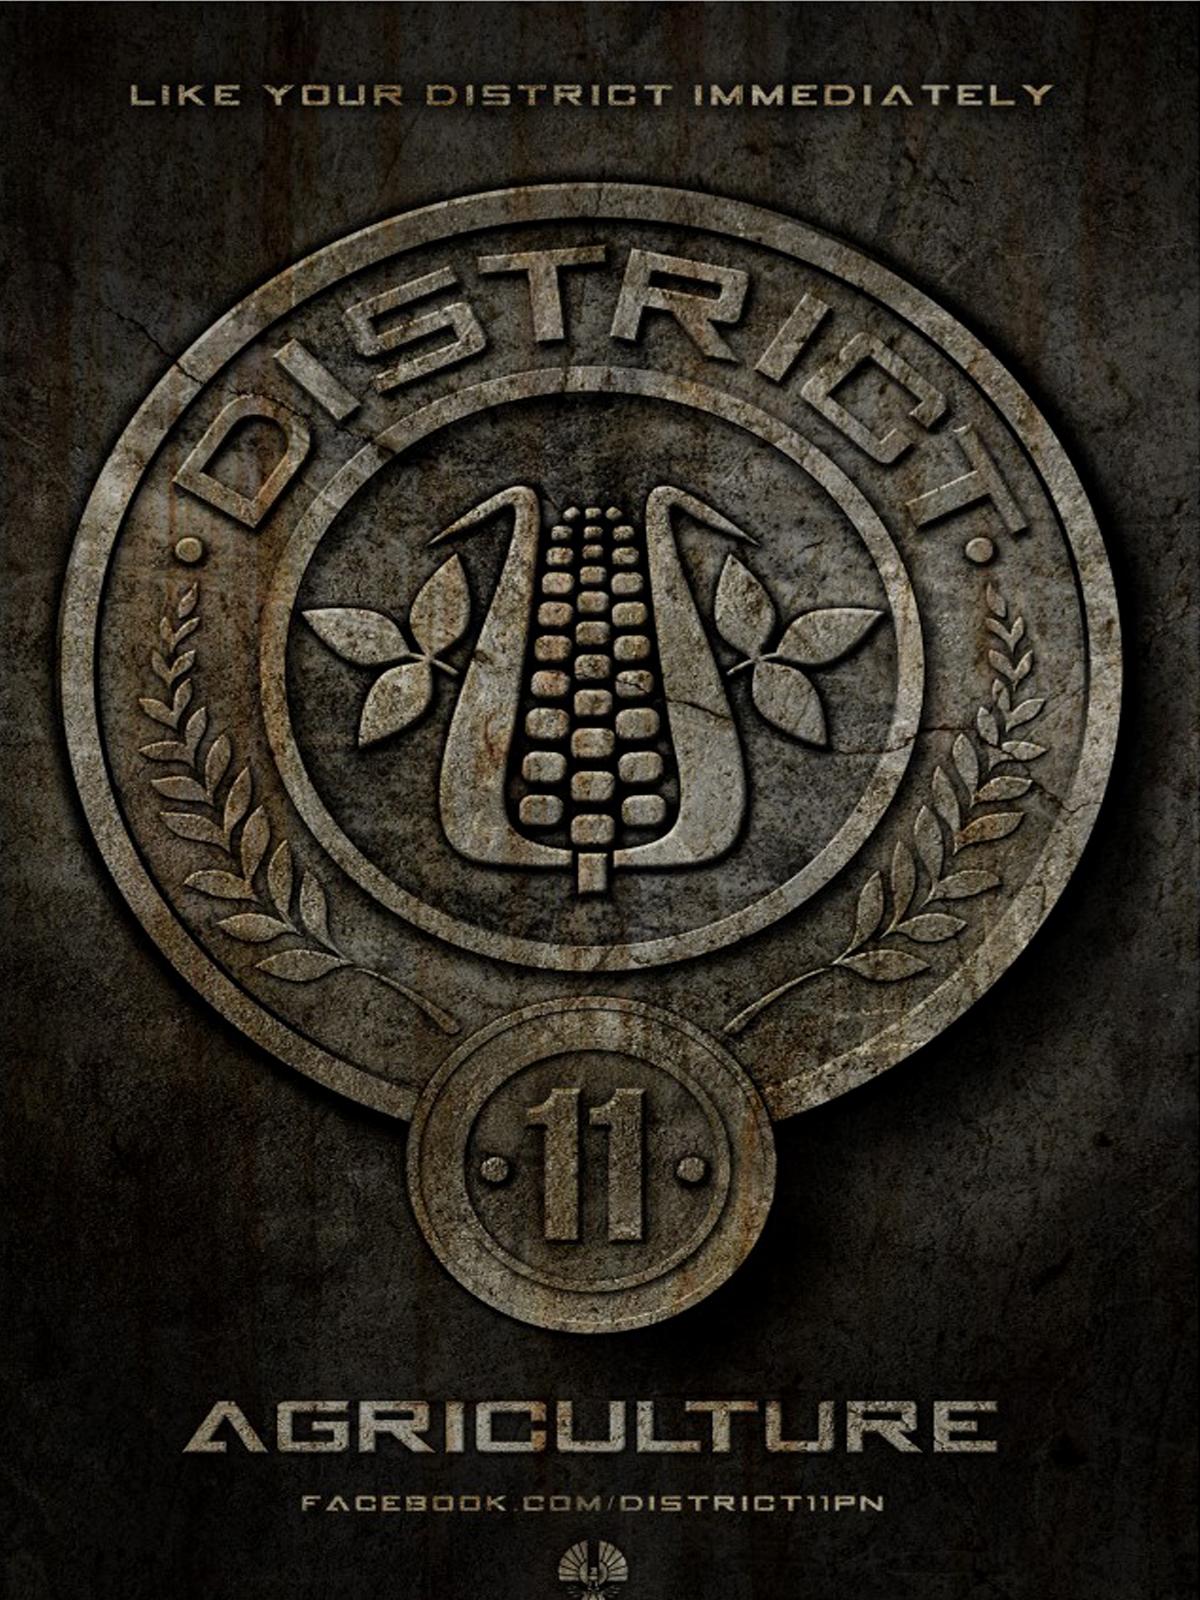 http://3.bp.blogspot.com/-8UPw-1pQ270/T4SHudLPjEI/AAAAAAAABPw/mtzbFEbyFjo/s1600/The_Hunger_Games_District_11_Agriculture_Poster_HD_Wallpapers-Vvallpaper.Net.jpg